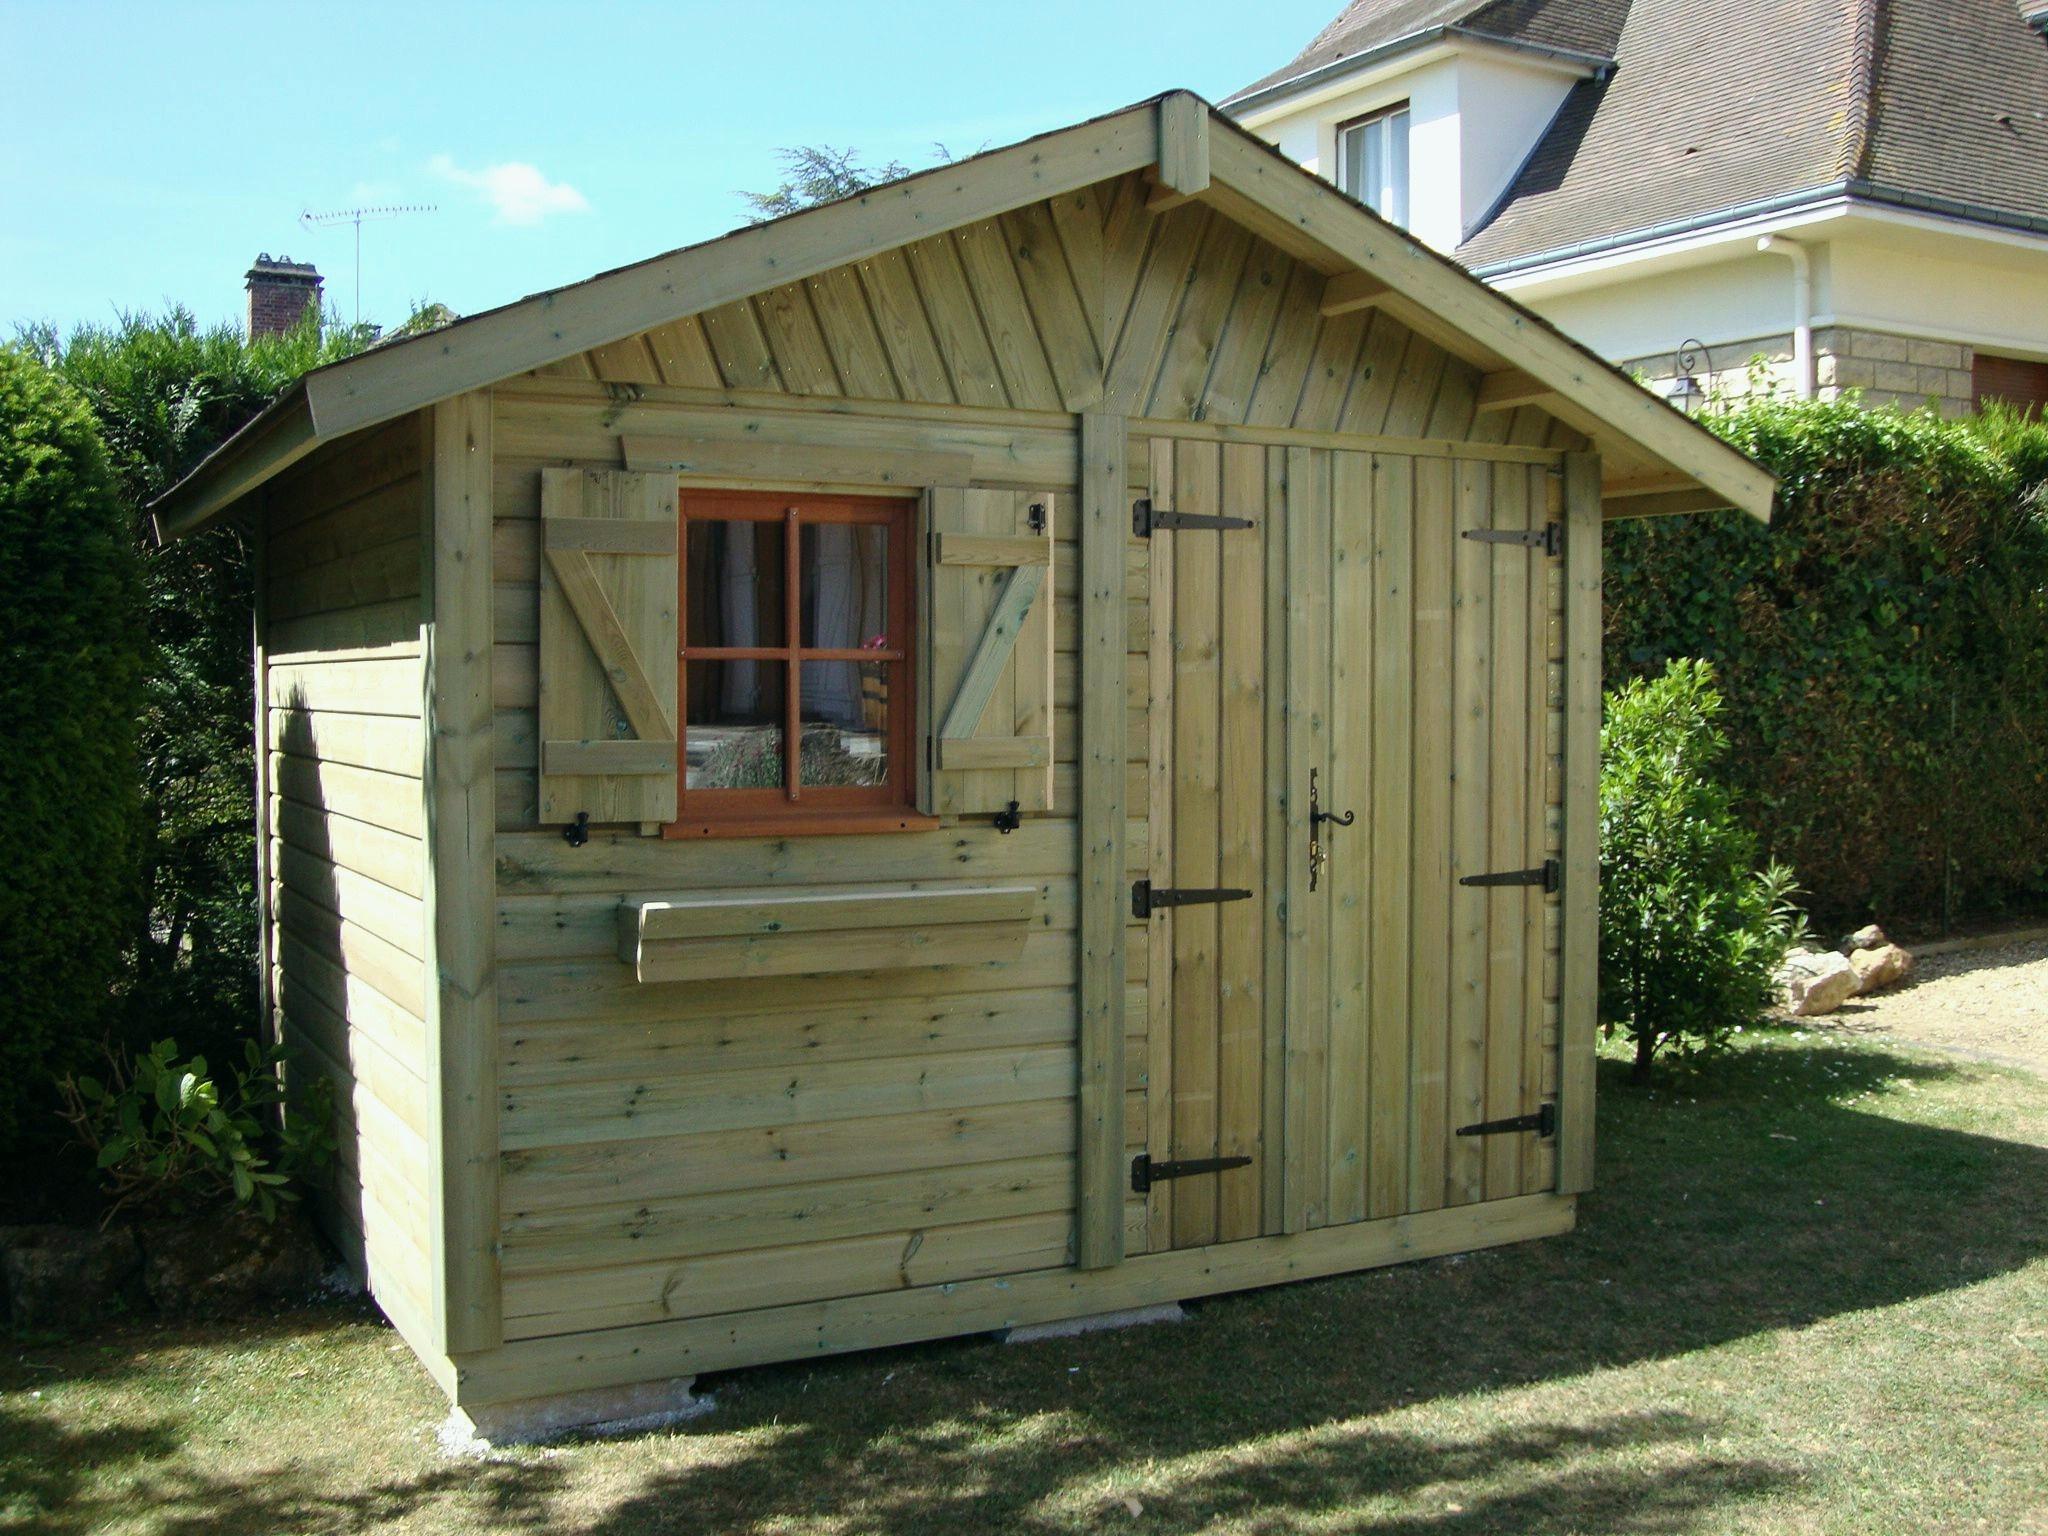 Meilleur De Cabane De Jardin 20M2 - Luckytroll destiné Abris De Jardin Occasion